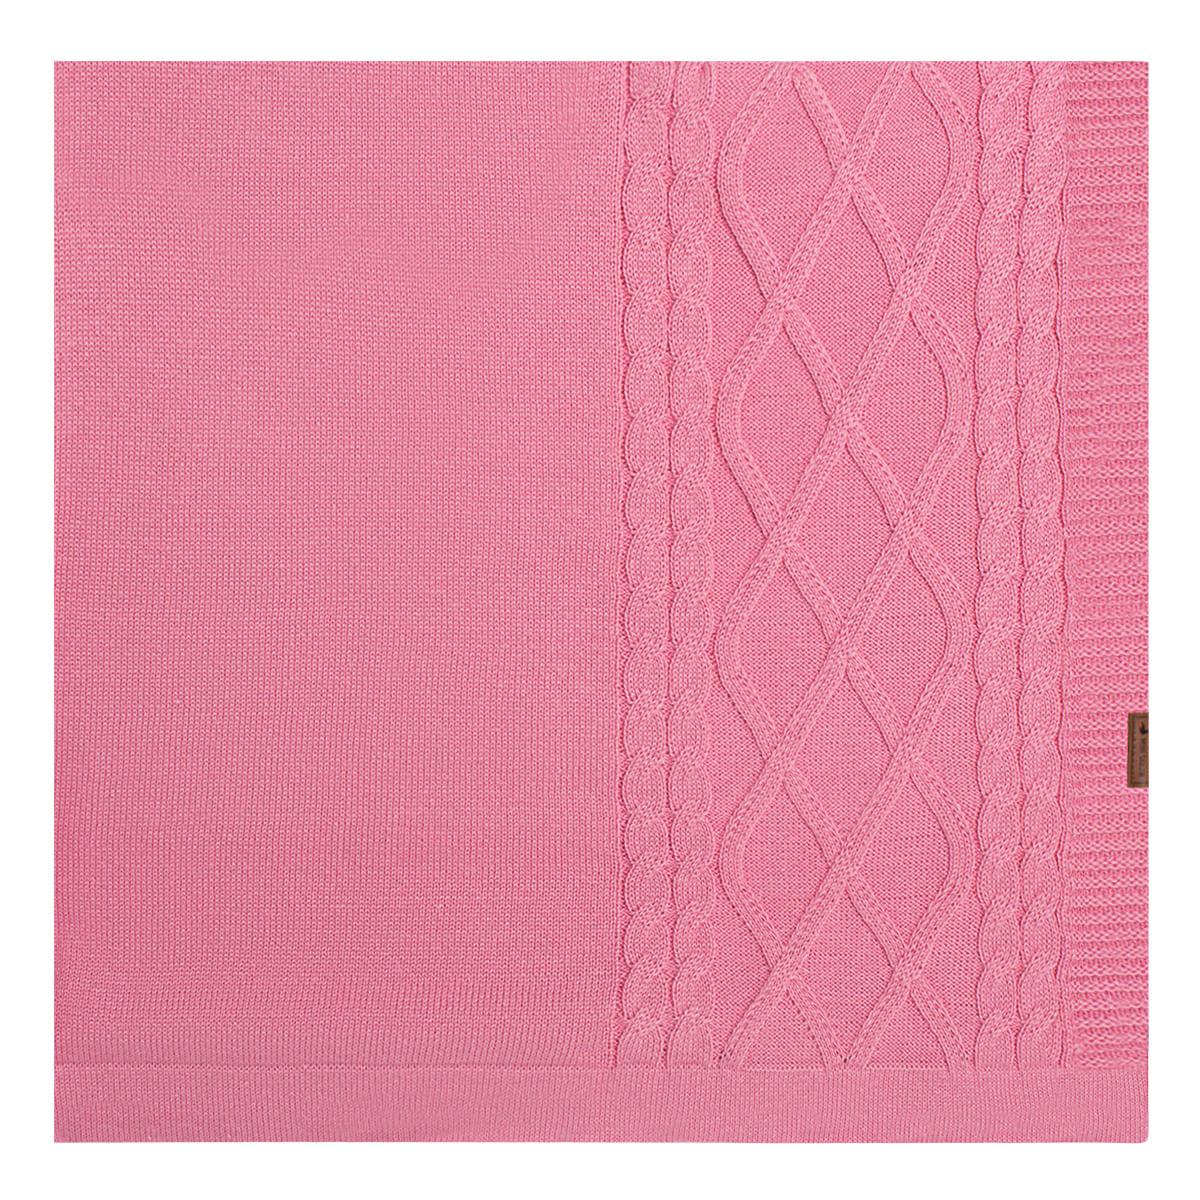 796fdc0b3 Manta para bebê em tricot tranças Rosa - Mini Sailor no Bebefacil, onde  você encontra tudo em roupas e enxoval para bebês - bebefacil